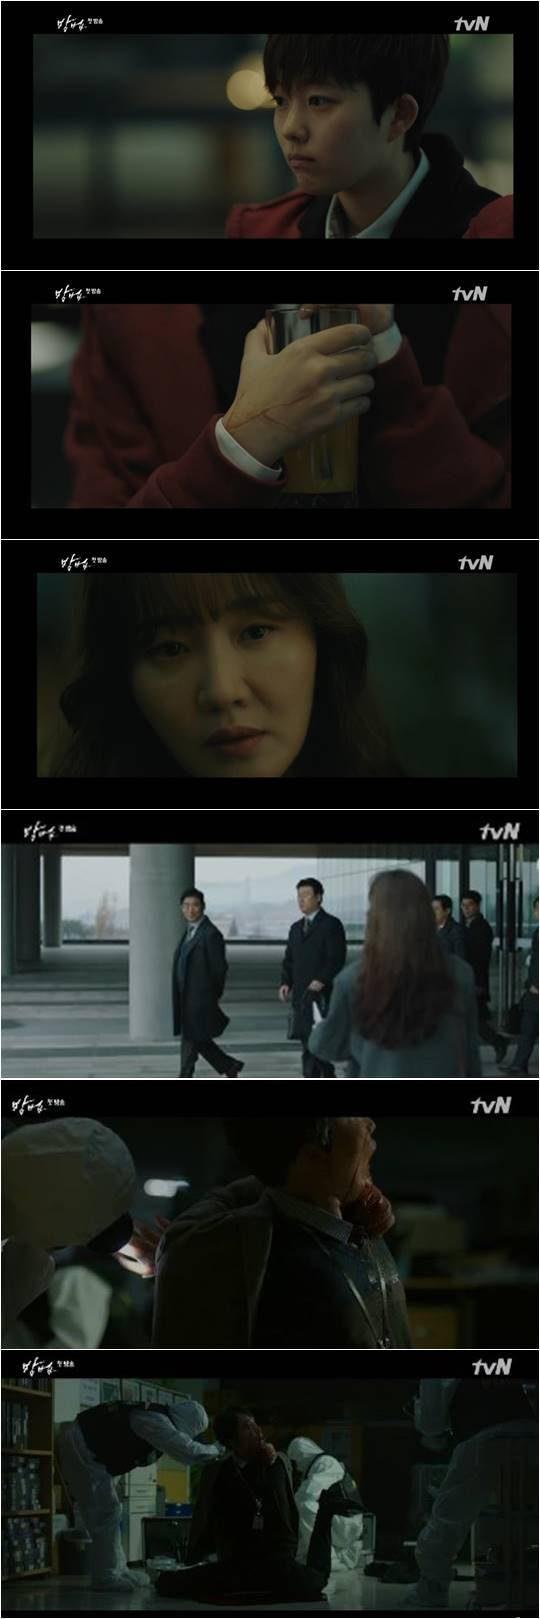 지난 10일 방영된 tvN 월화드라마 '방법' 방송화면.